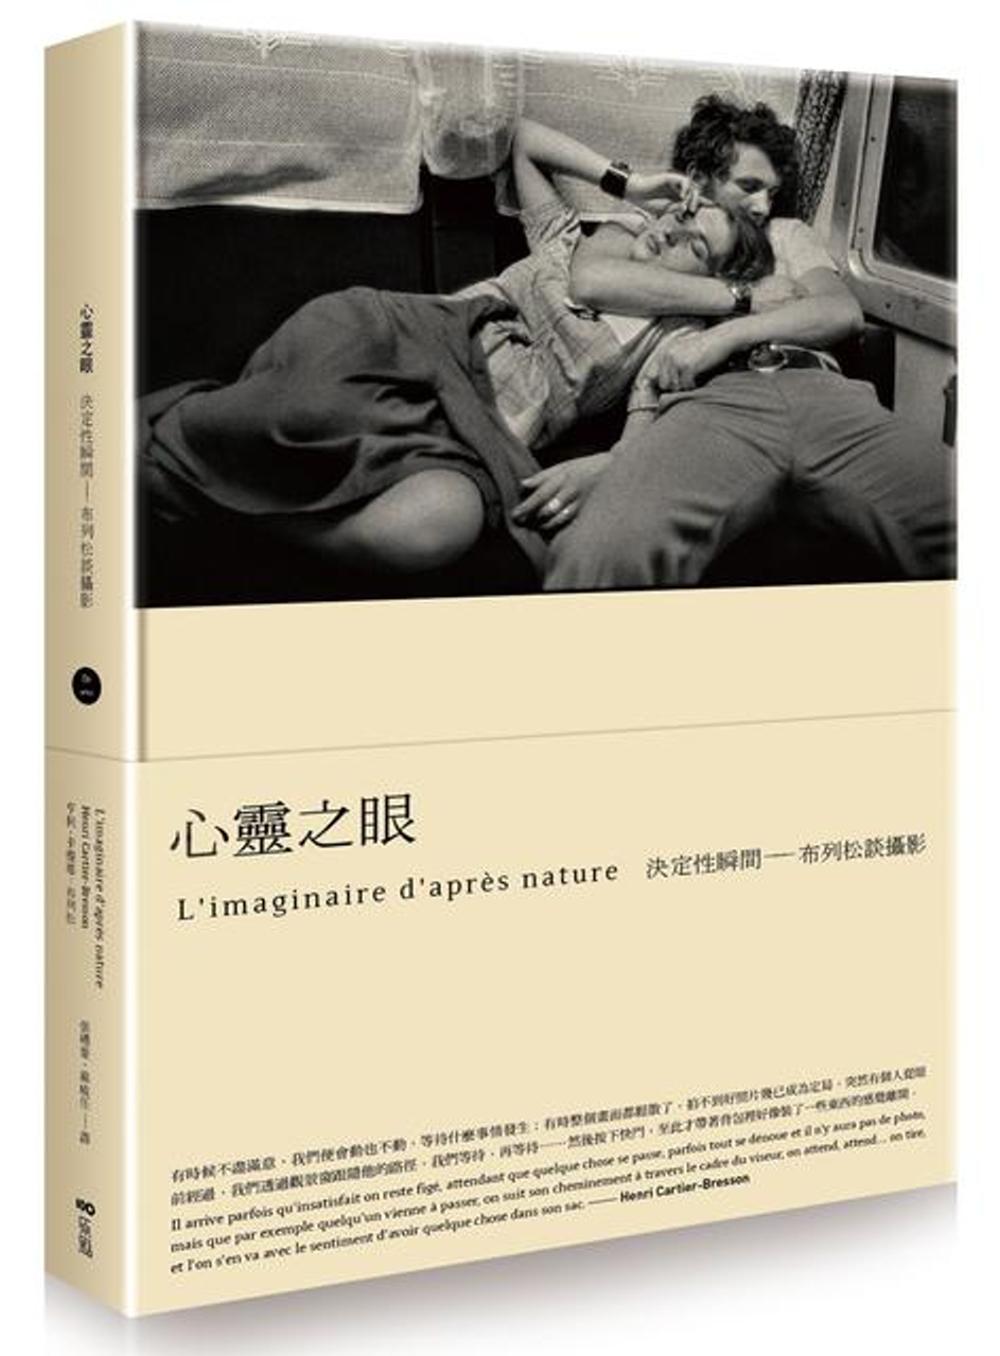 心靈之眼:決定性瞬間,布列松談攝影